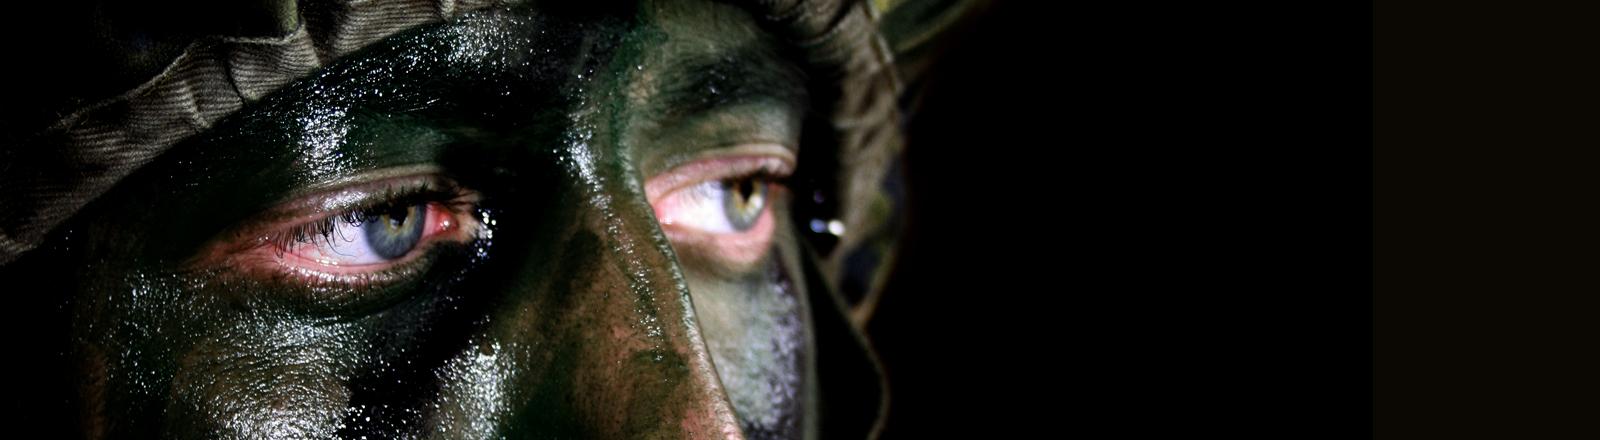 Ein Soldat mit Tarnhelm und Tarnfarbe im Gesicht